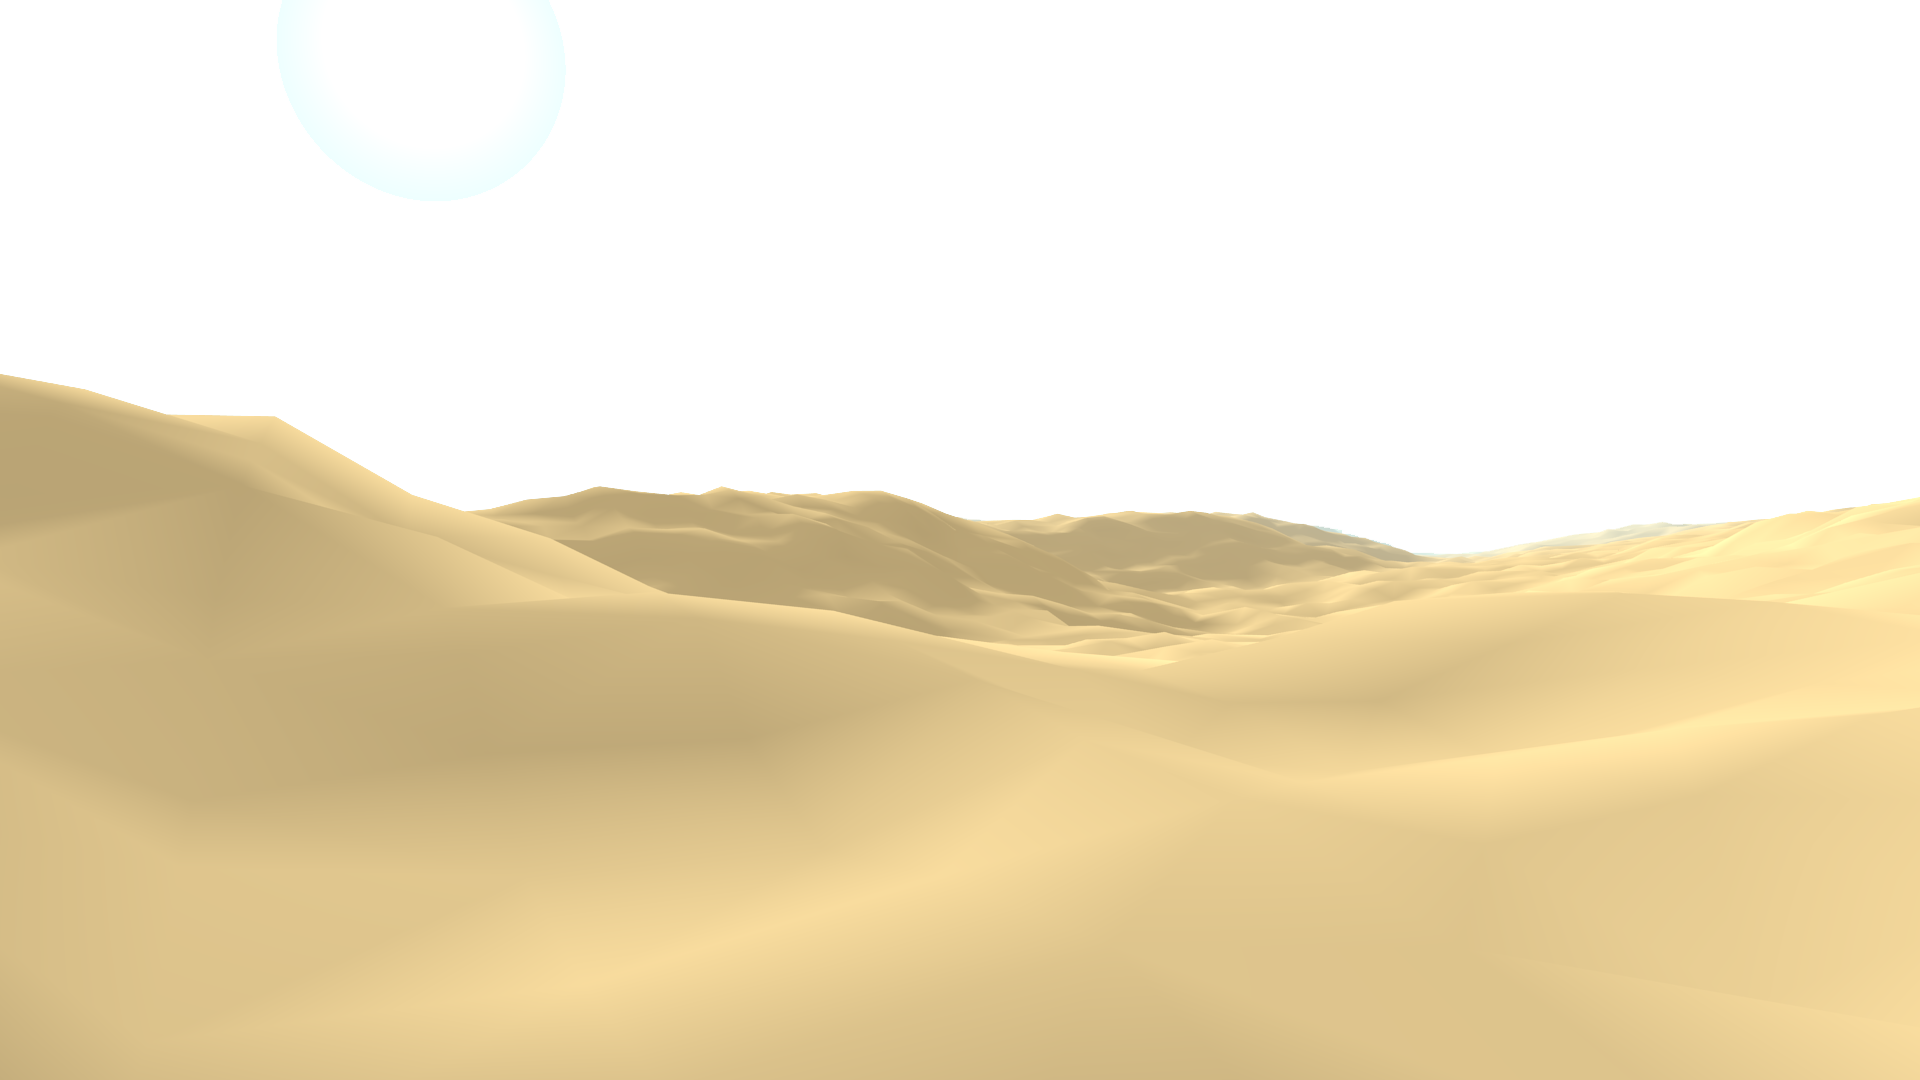 Desert PNG Transparent Images.